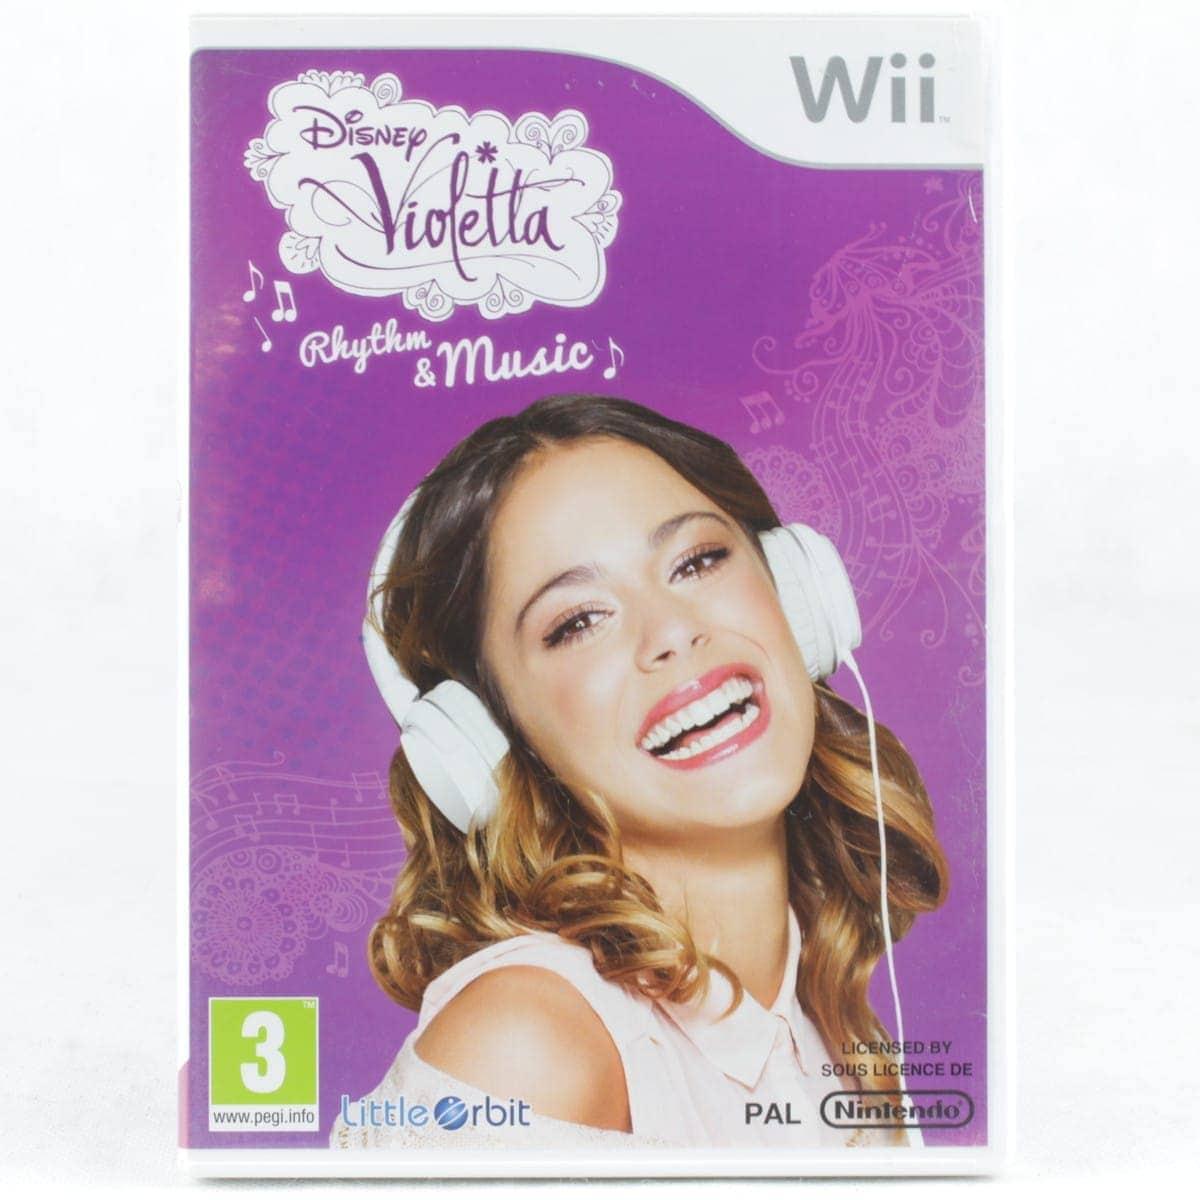 Violetta: Rhythm and Music (Nintendo Wii)